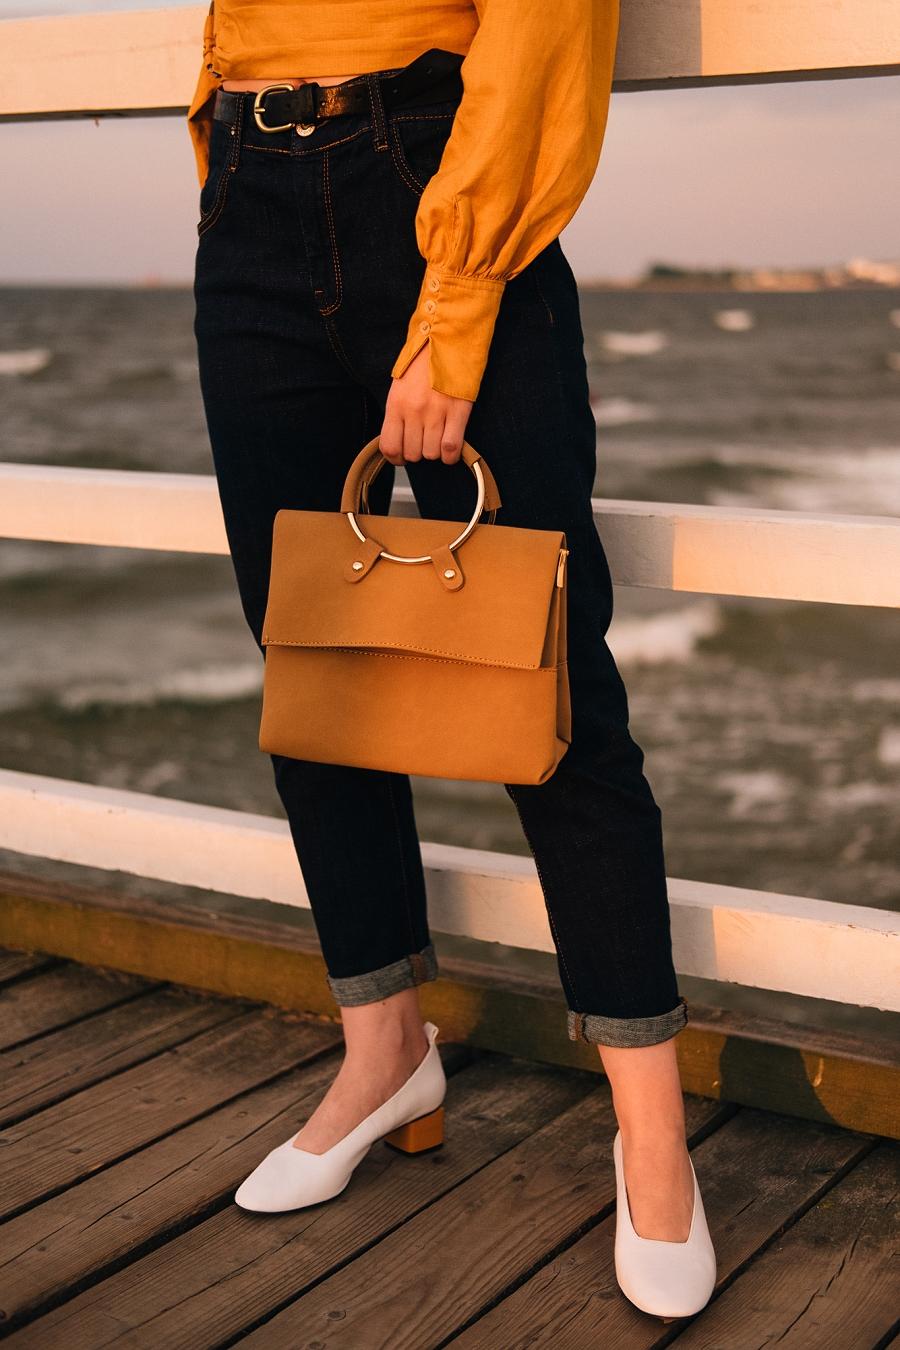 Torebka zamszowa, białe pantofle, klasyczne jeansy